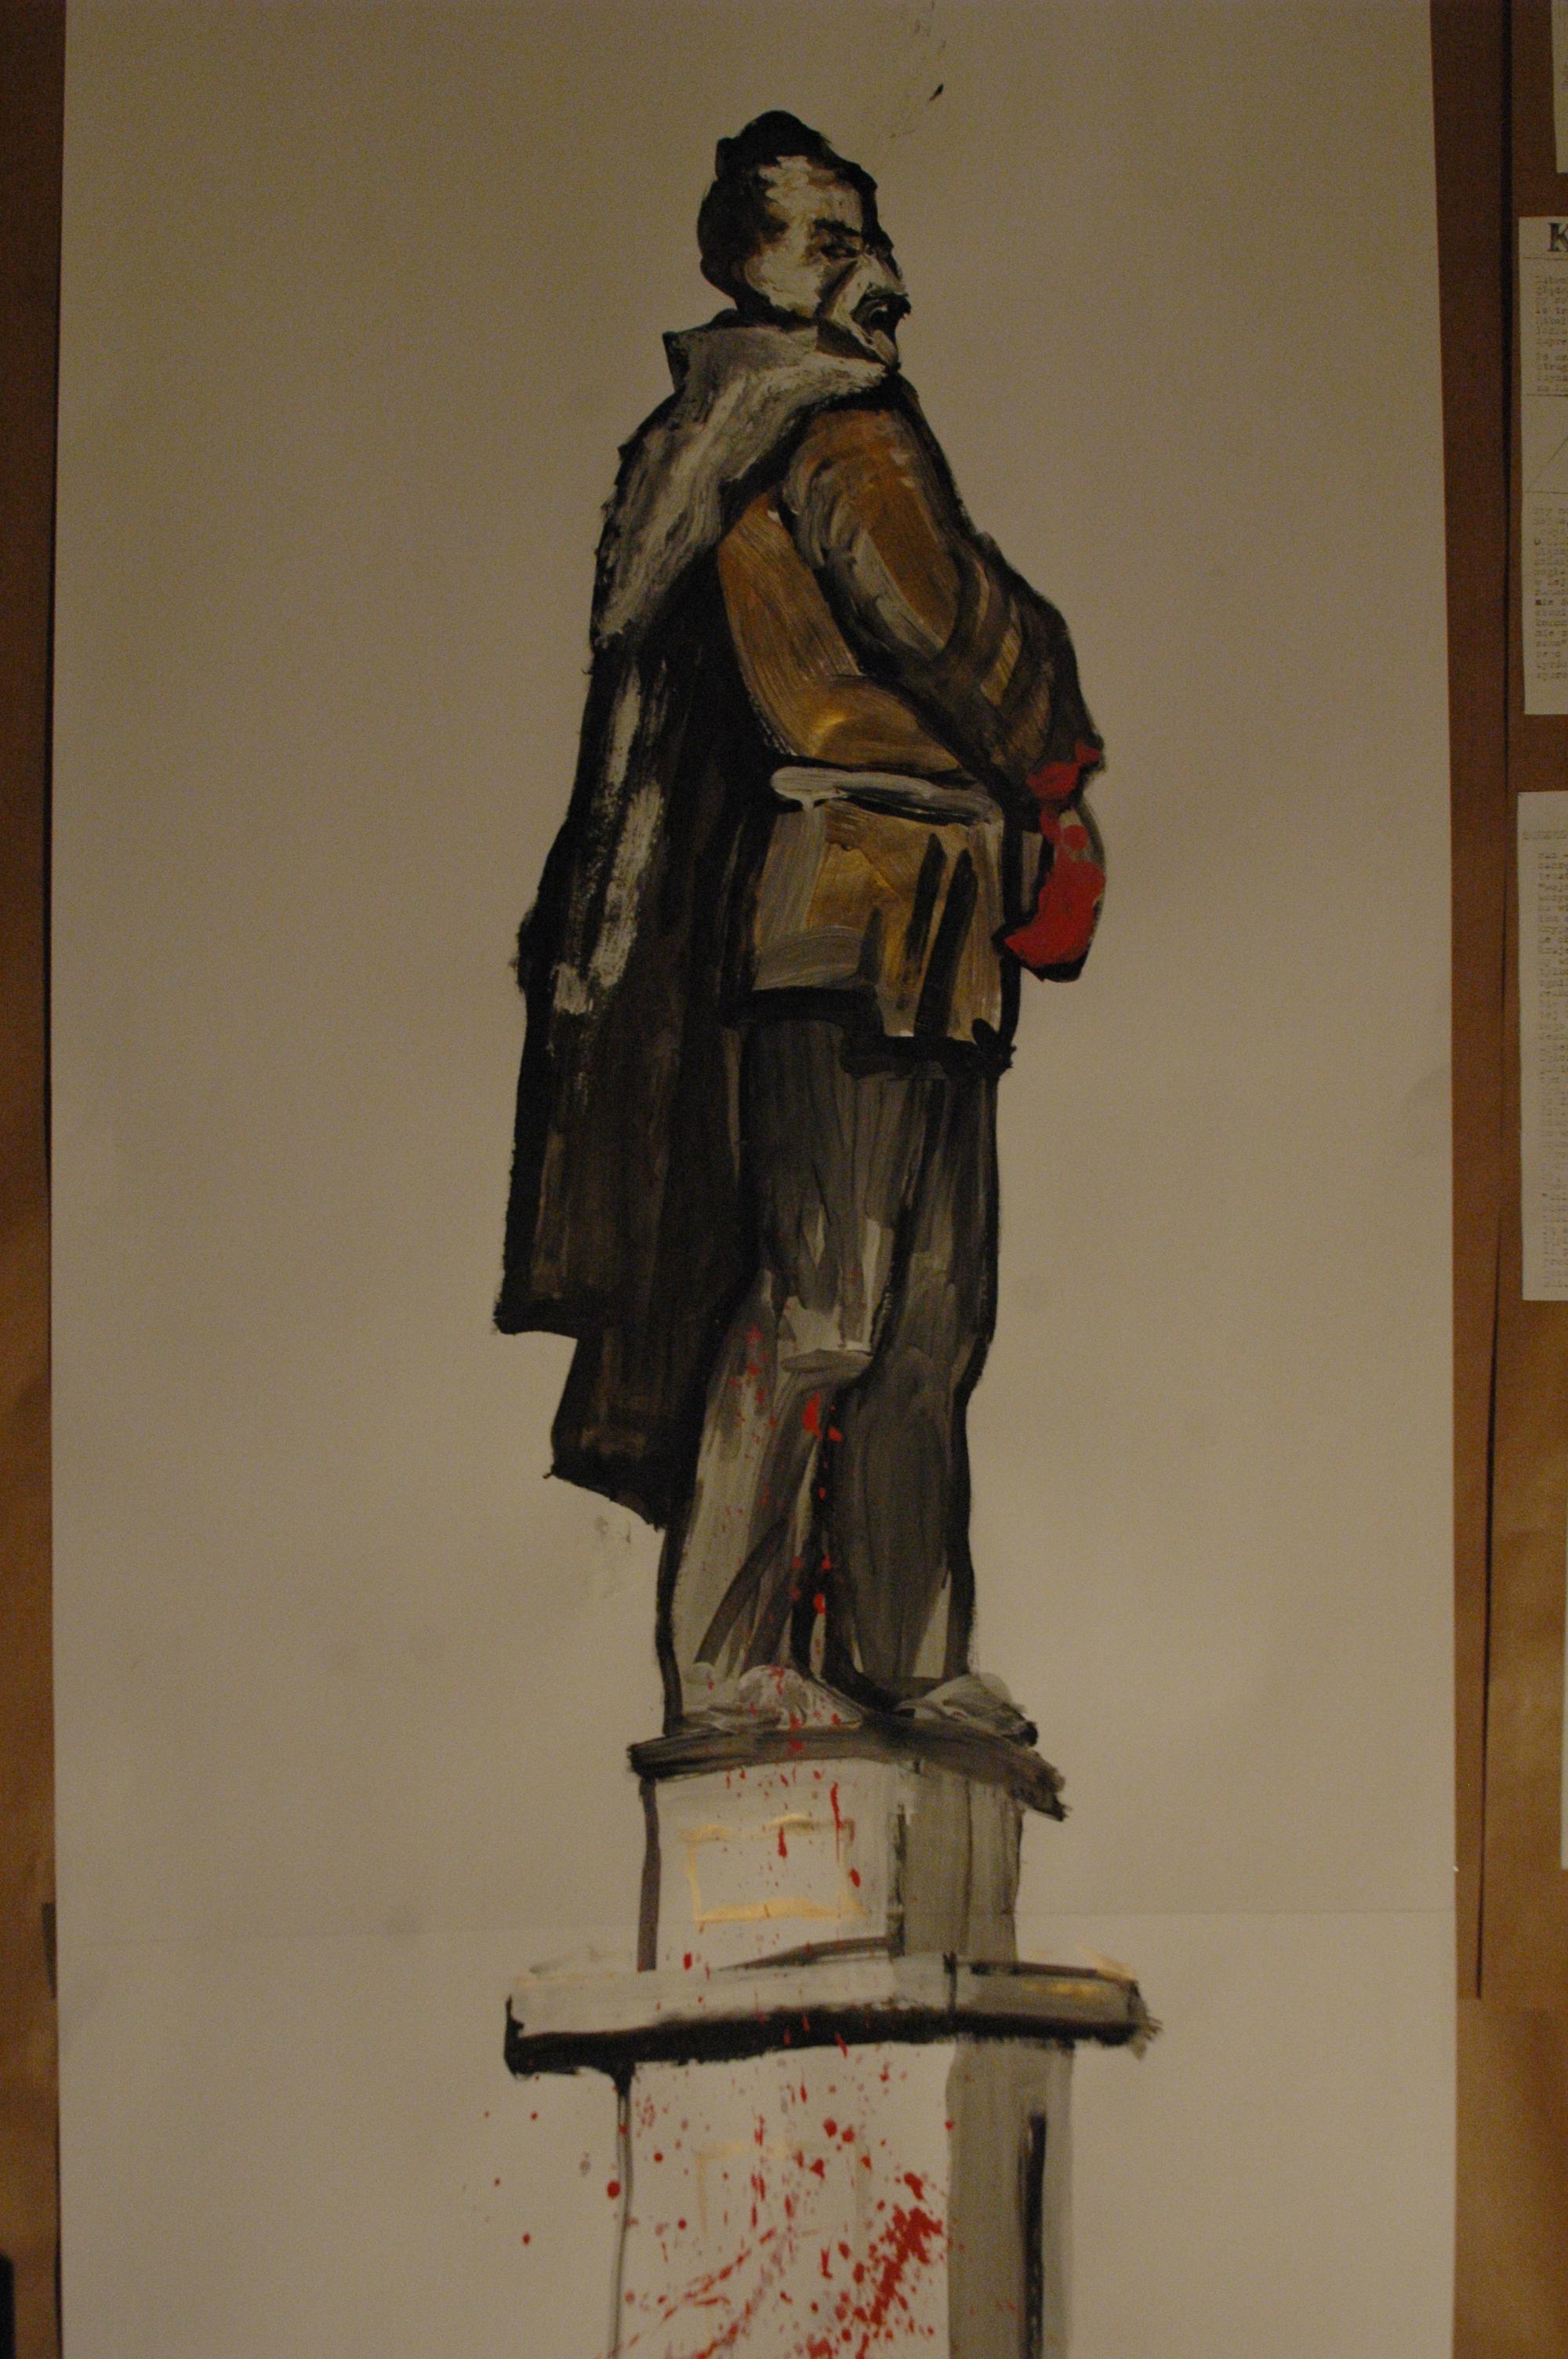 W stanie wojennym Emil wsławił się między innymi podpaleniem, znienawidzonego przez warszawiaków, pomnika Feliksa Dzierżyńskiego – szefa CzeKa (to taka dawna bolszewicka bezpieka).